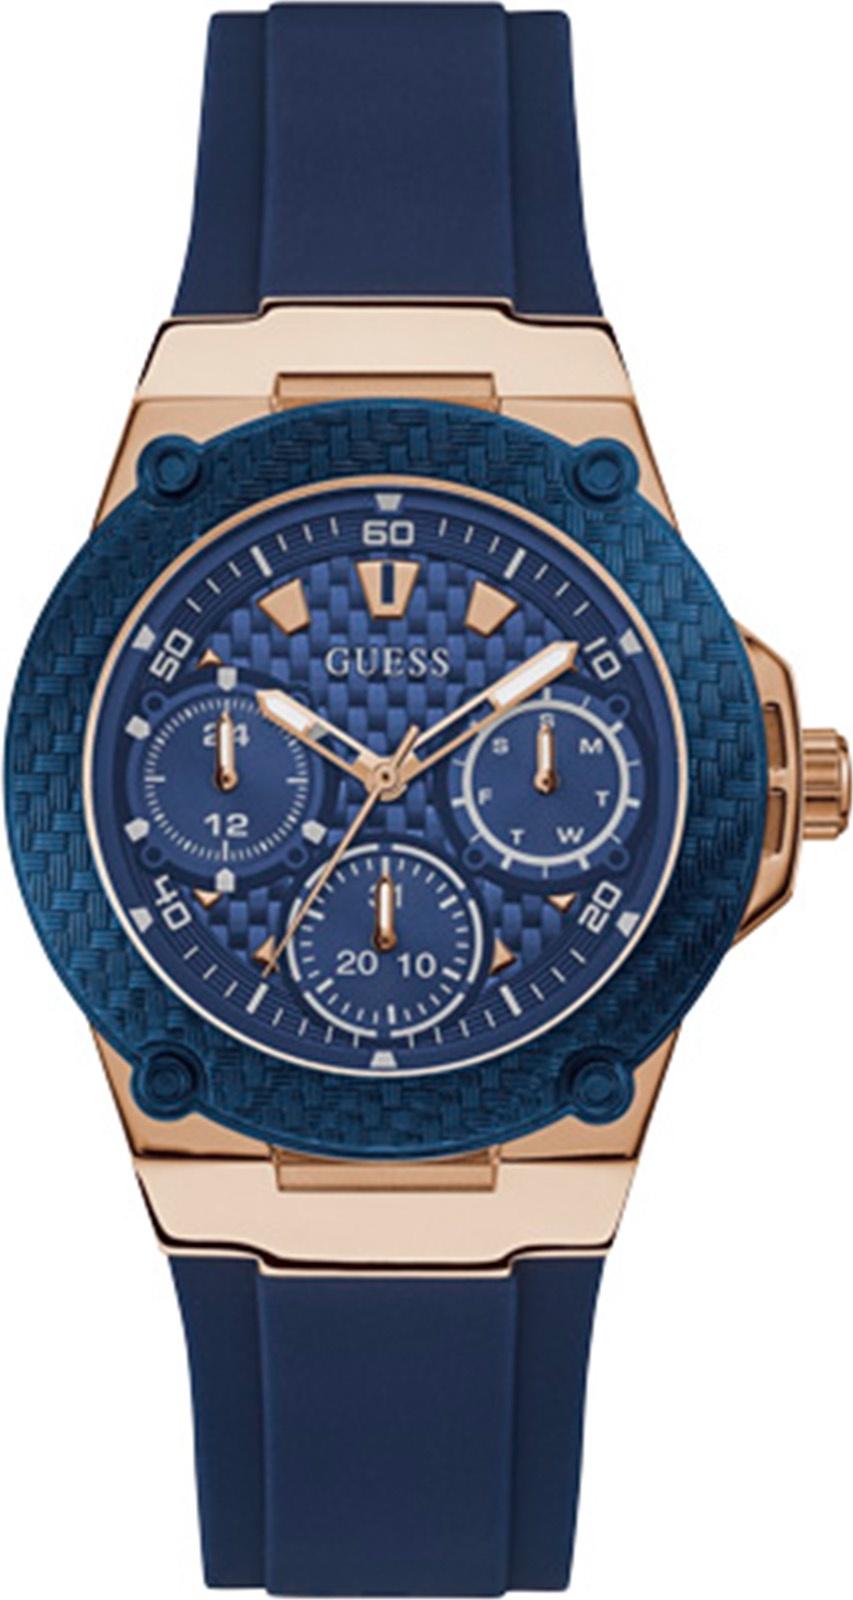 купить Часы Guess ZENA по цене 10820 рублей